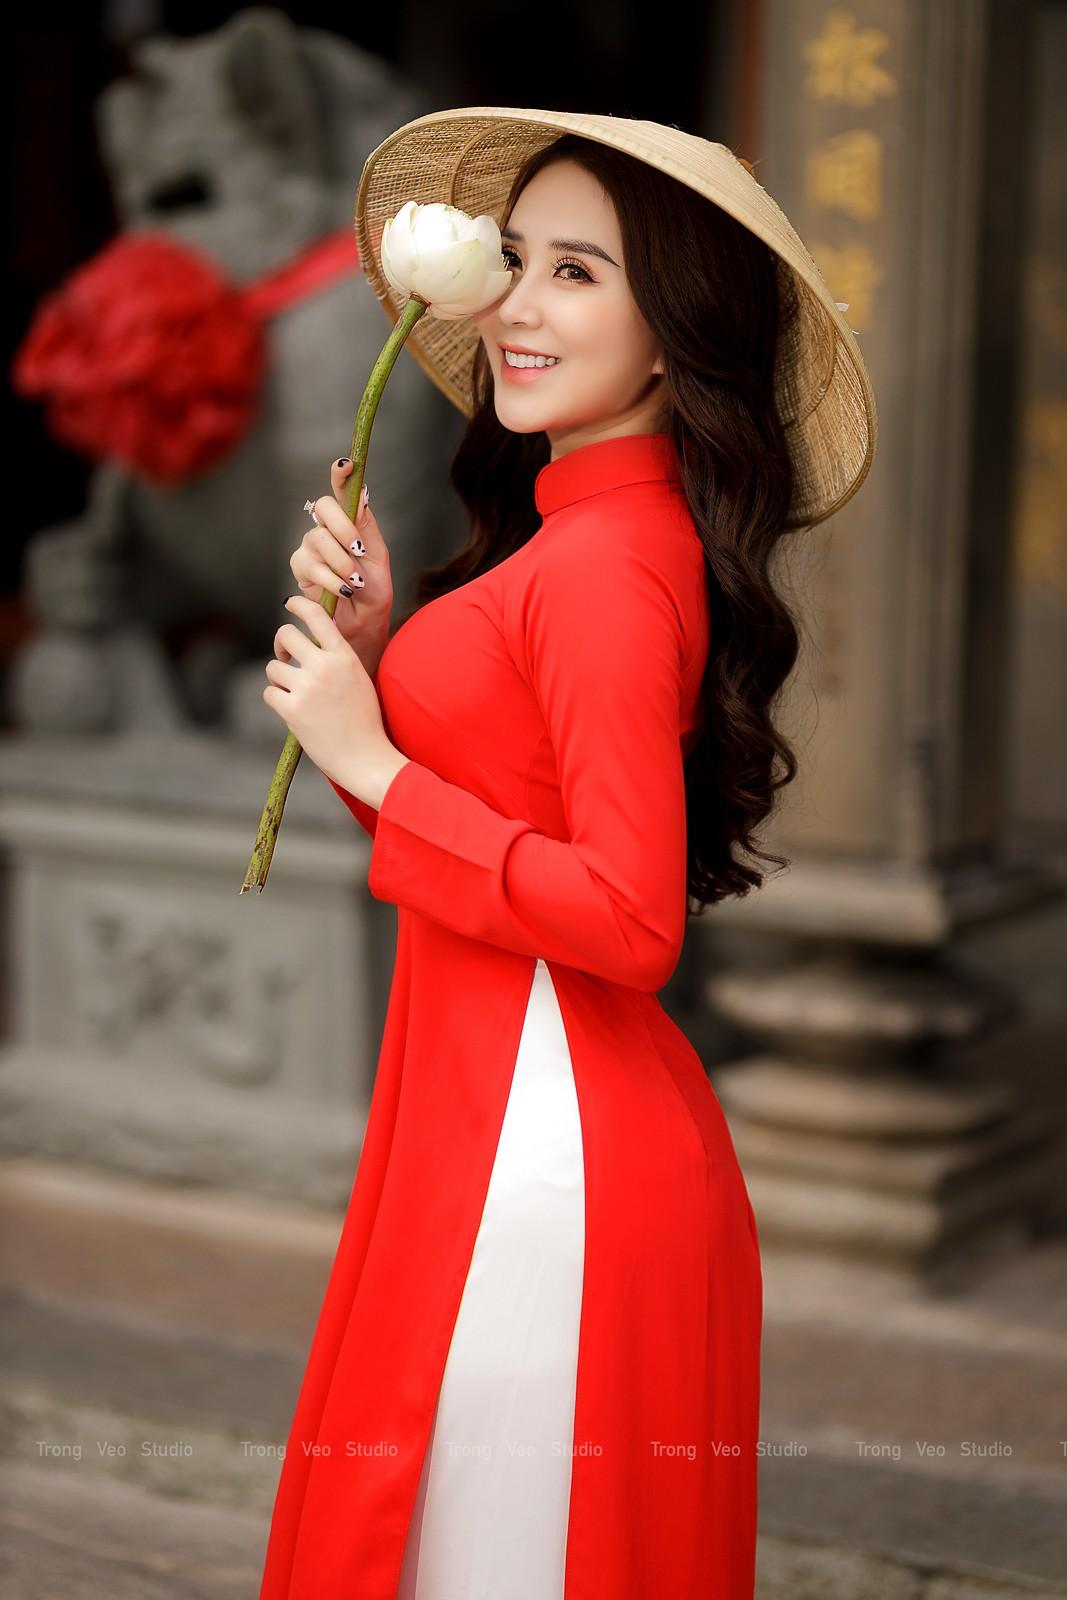 Ngắm hot girl Lục Anh xinh đẹp như hoa không sao tả xiết trong tà áo dài truyền thống - 24